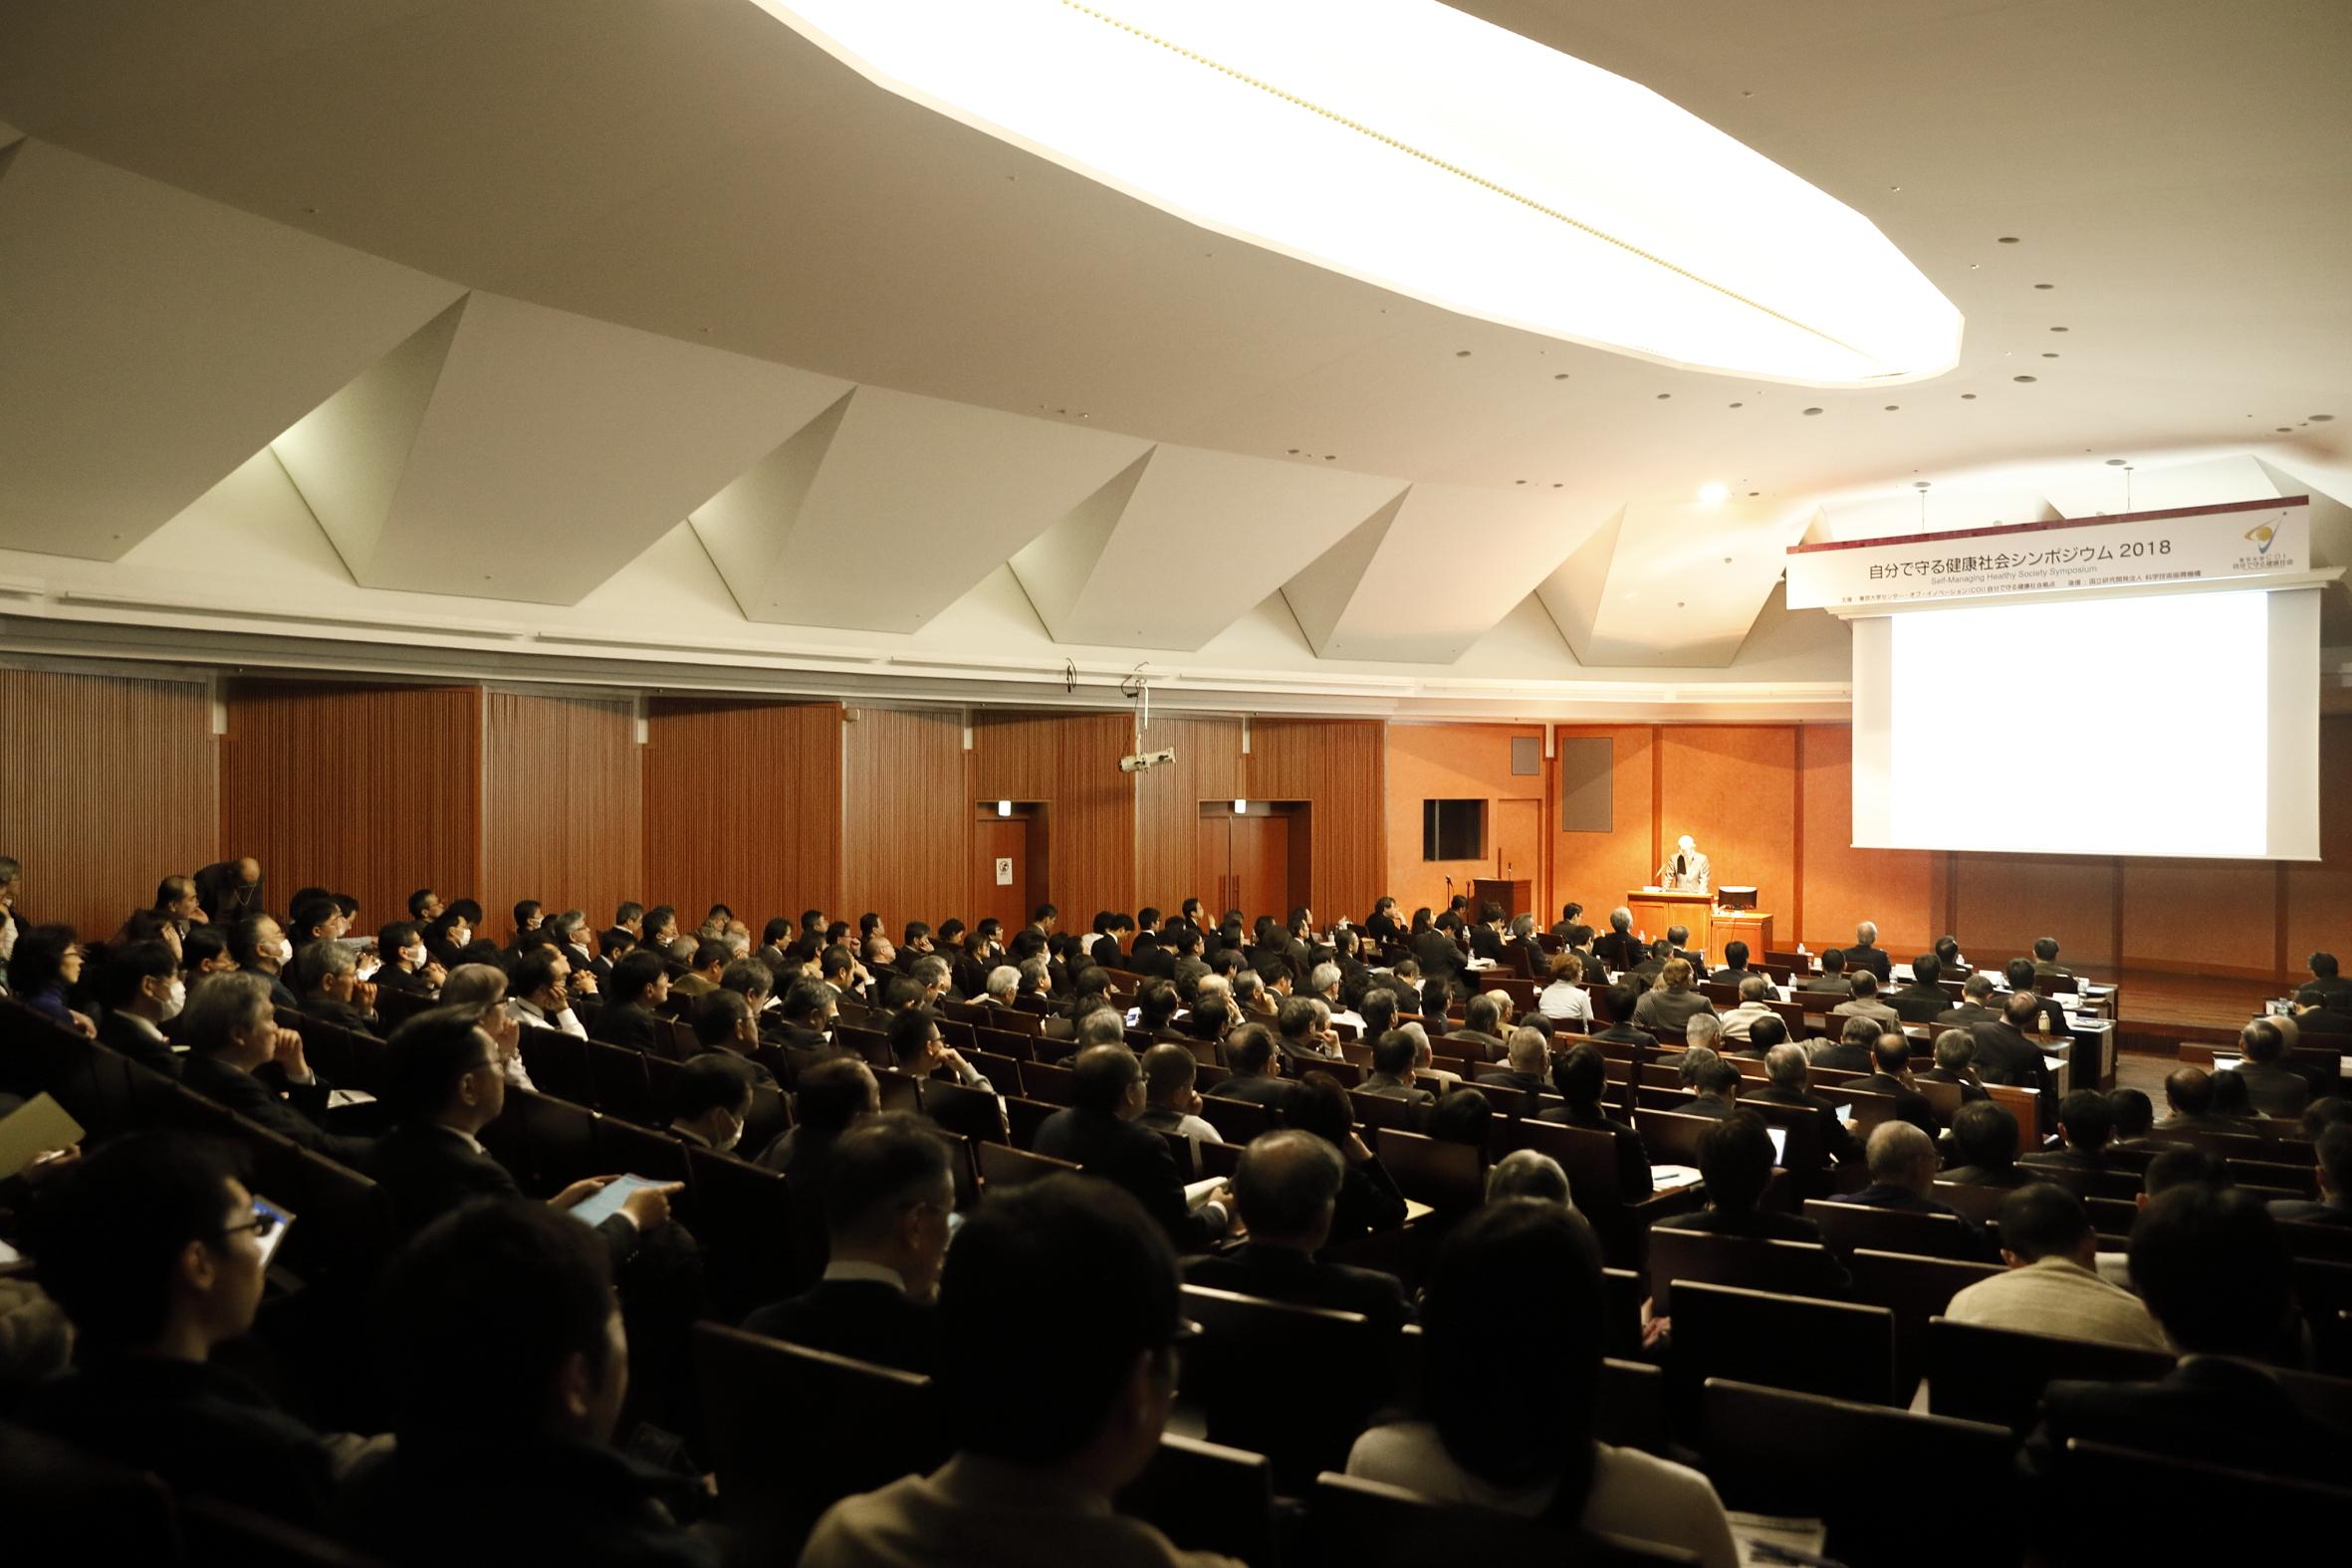 平成30年1月15日(月)第5回COIシンポジウムを開催しました。